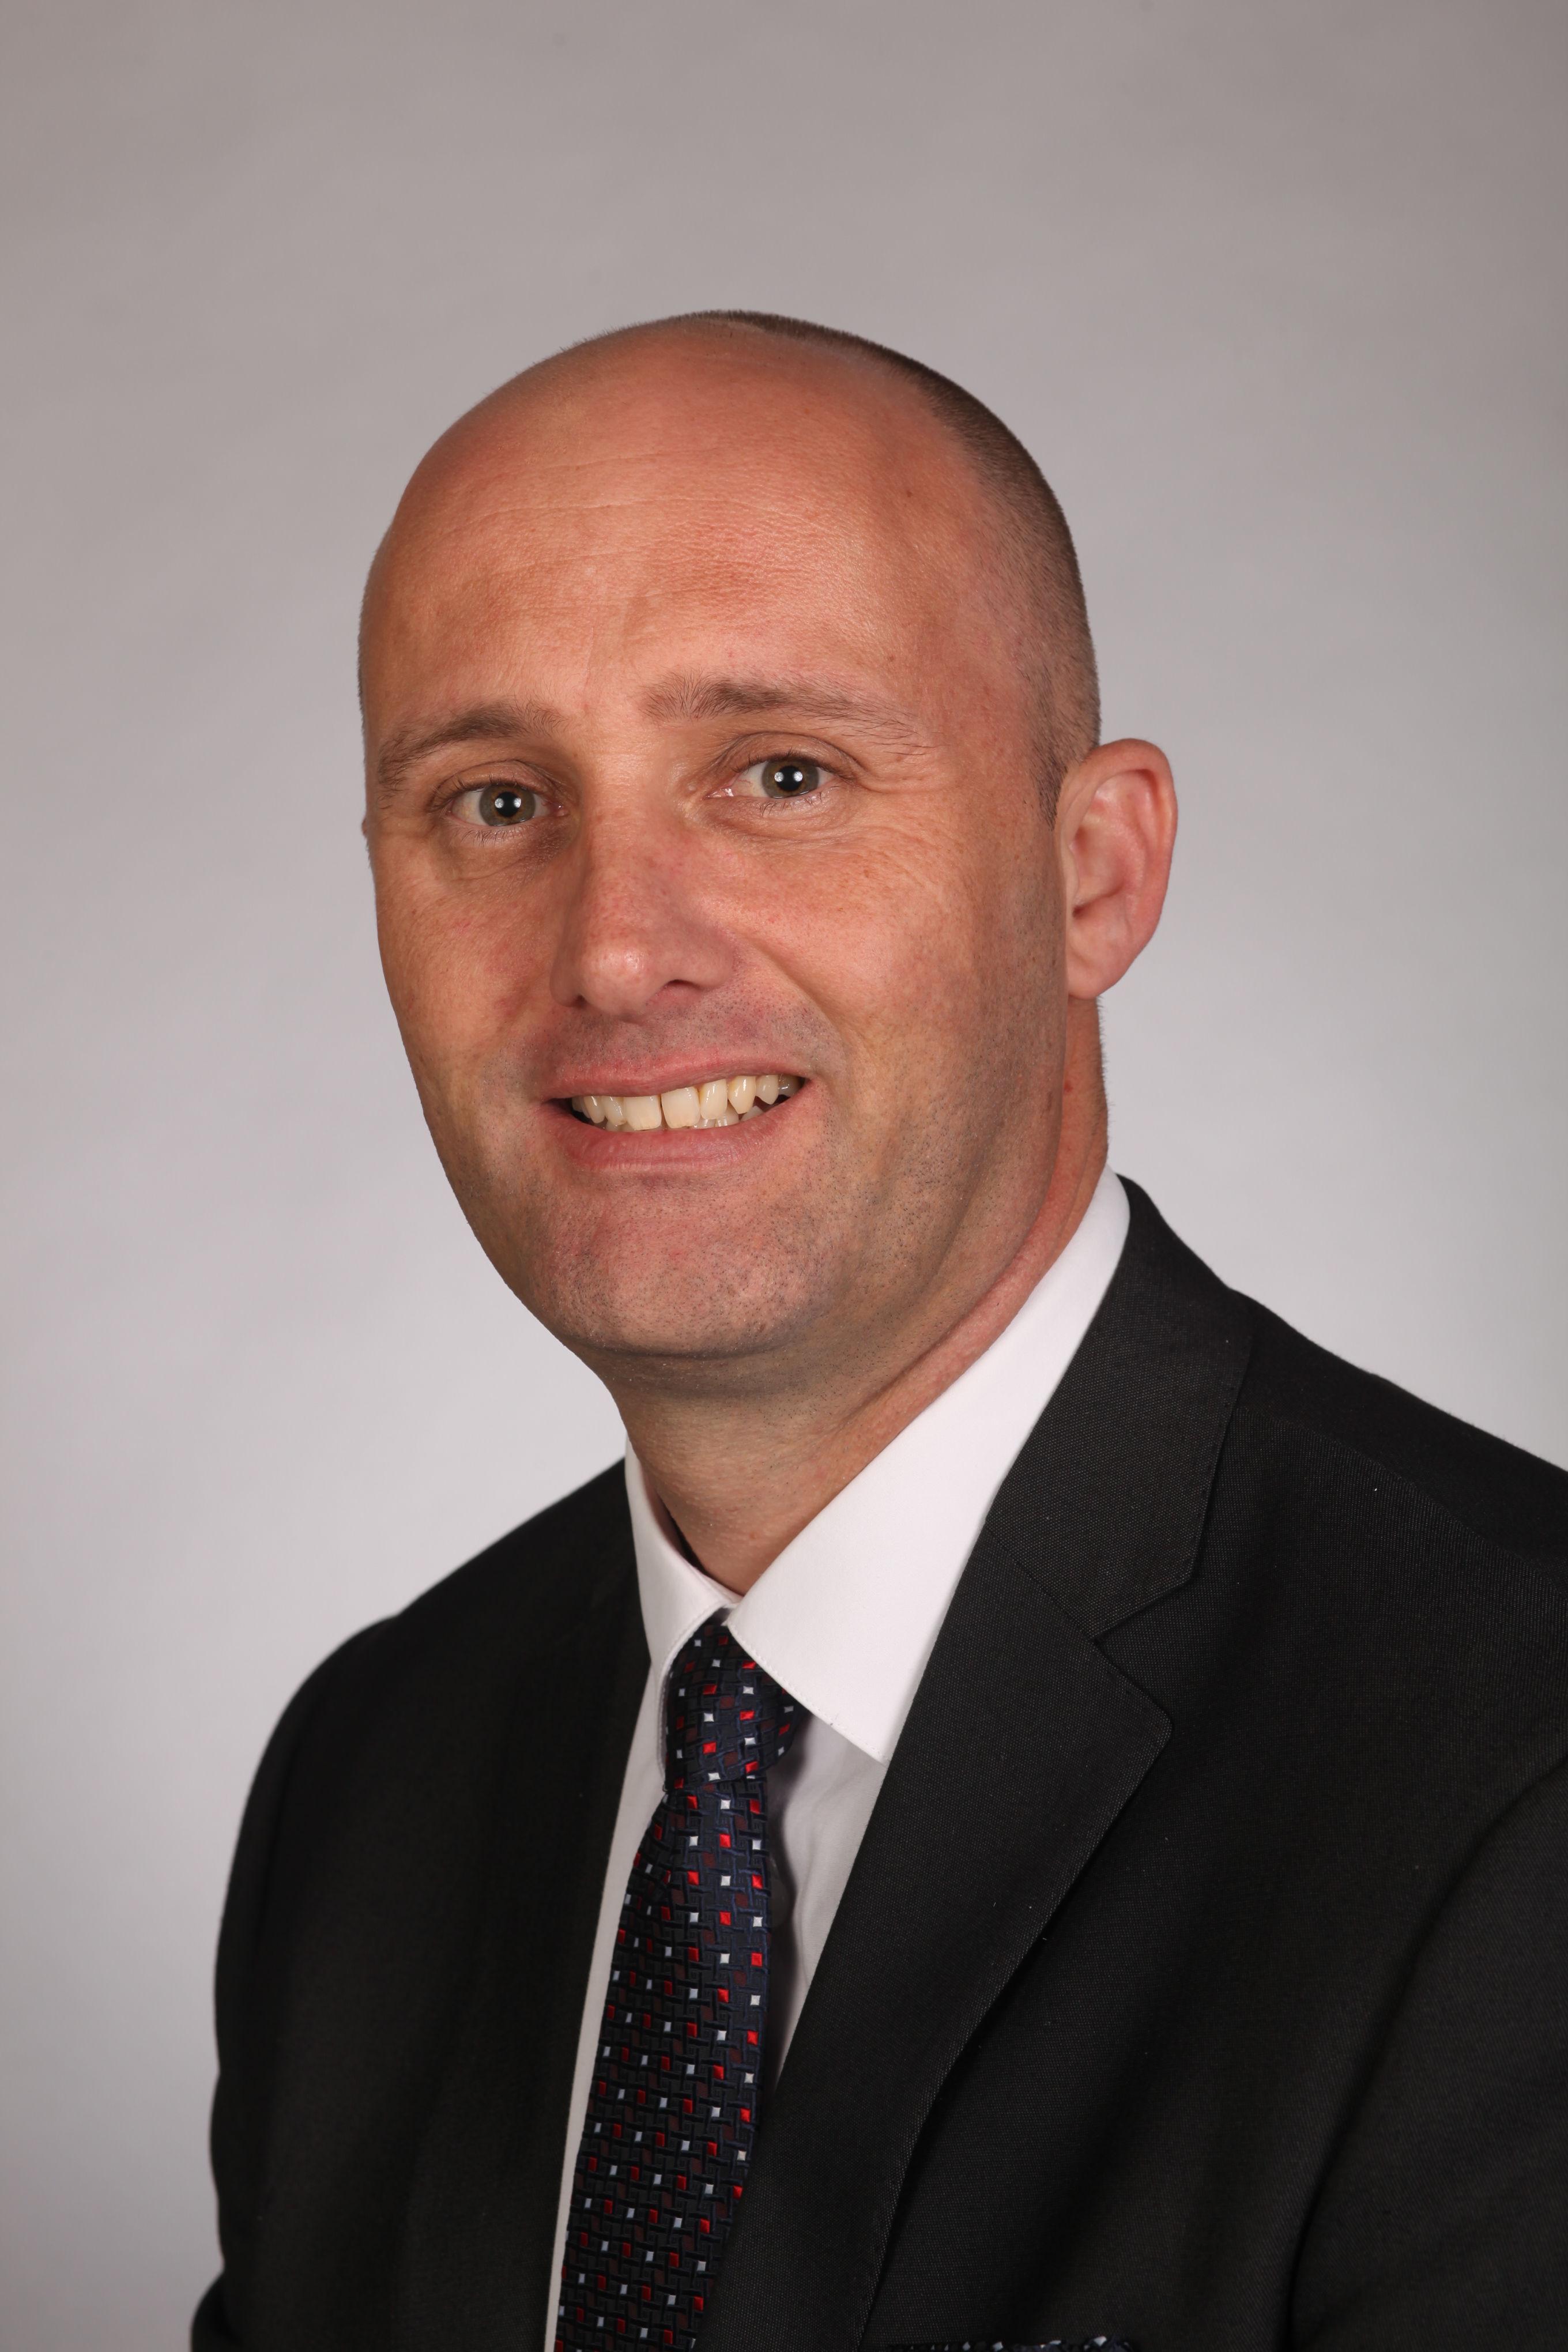 Stuart Dillon